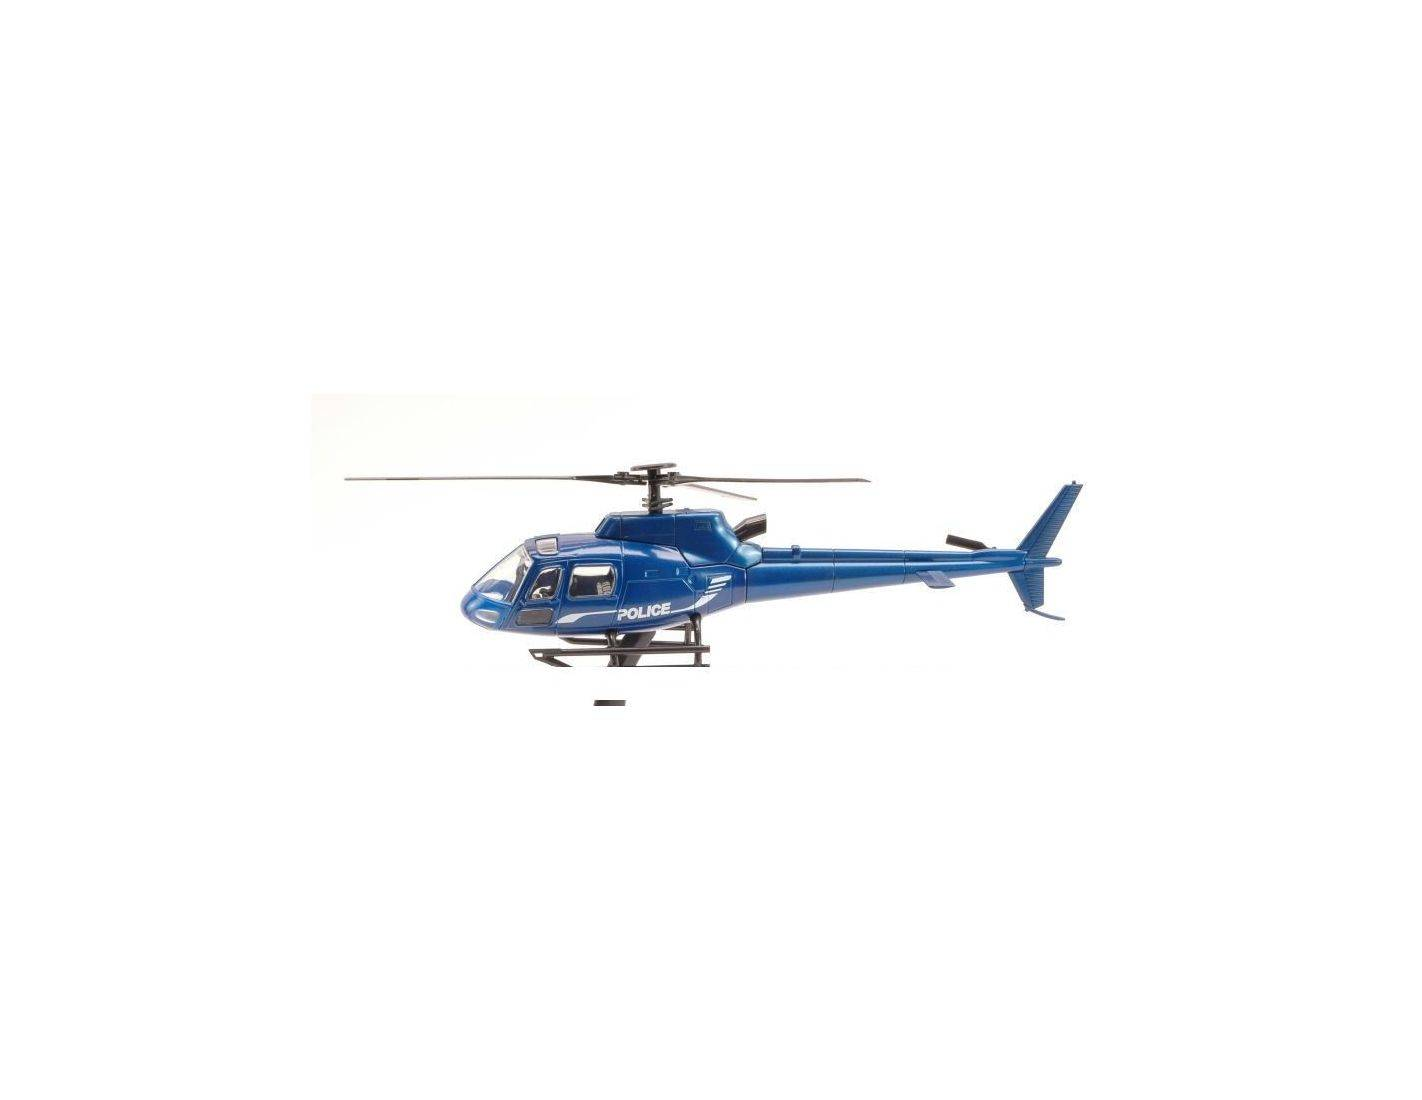 Elicottero 350 : New ray ny26093 elicottero eurocopter as350 police 1:43 modellino